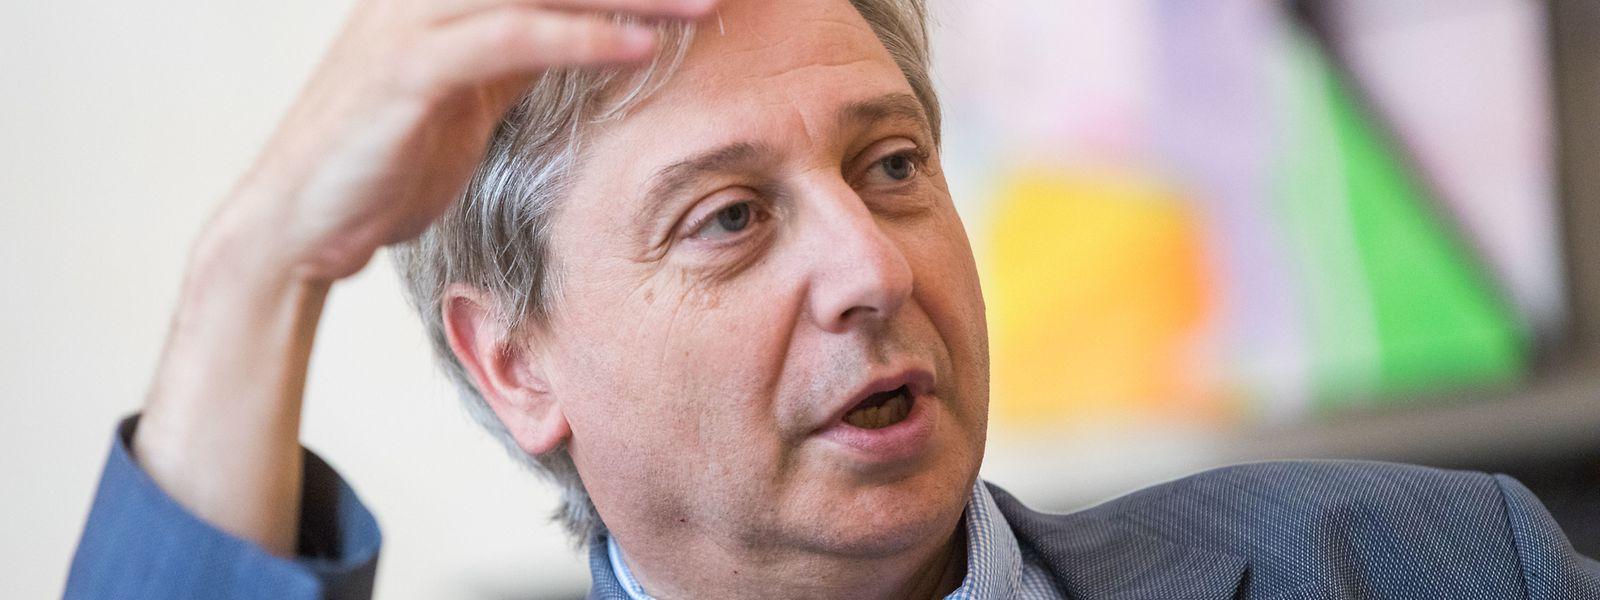 François Grosdidier applique un changement d'approche complet vis-à-vis du Grand-Duché par rapport à son prédécesseur en refusant des compensations financières.